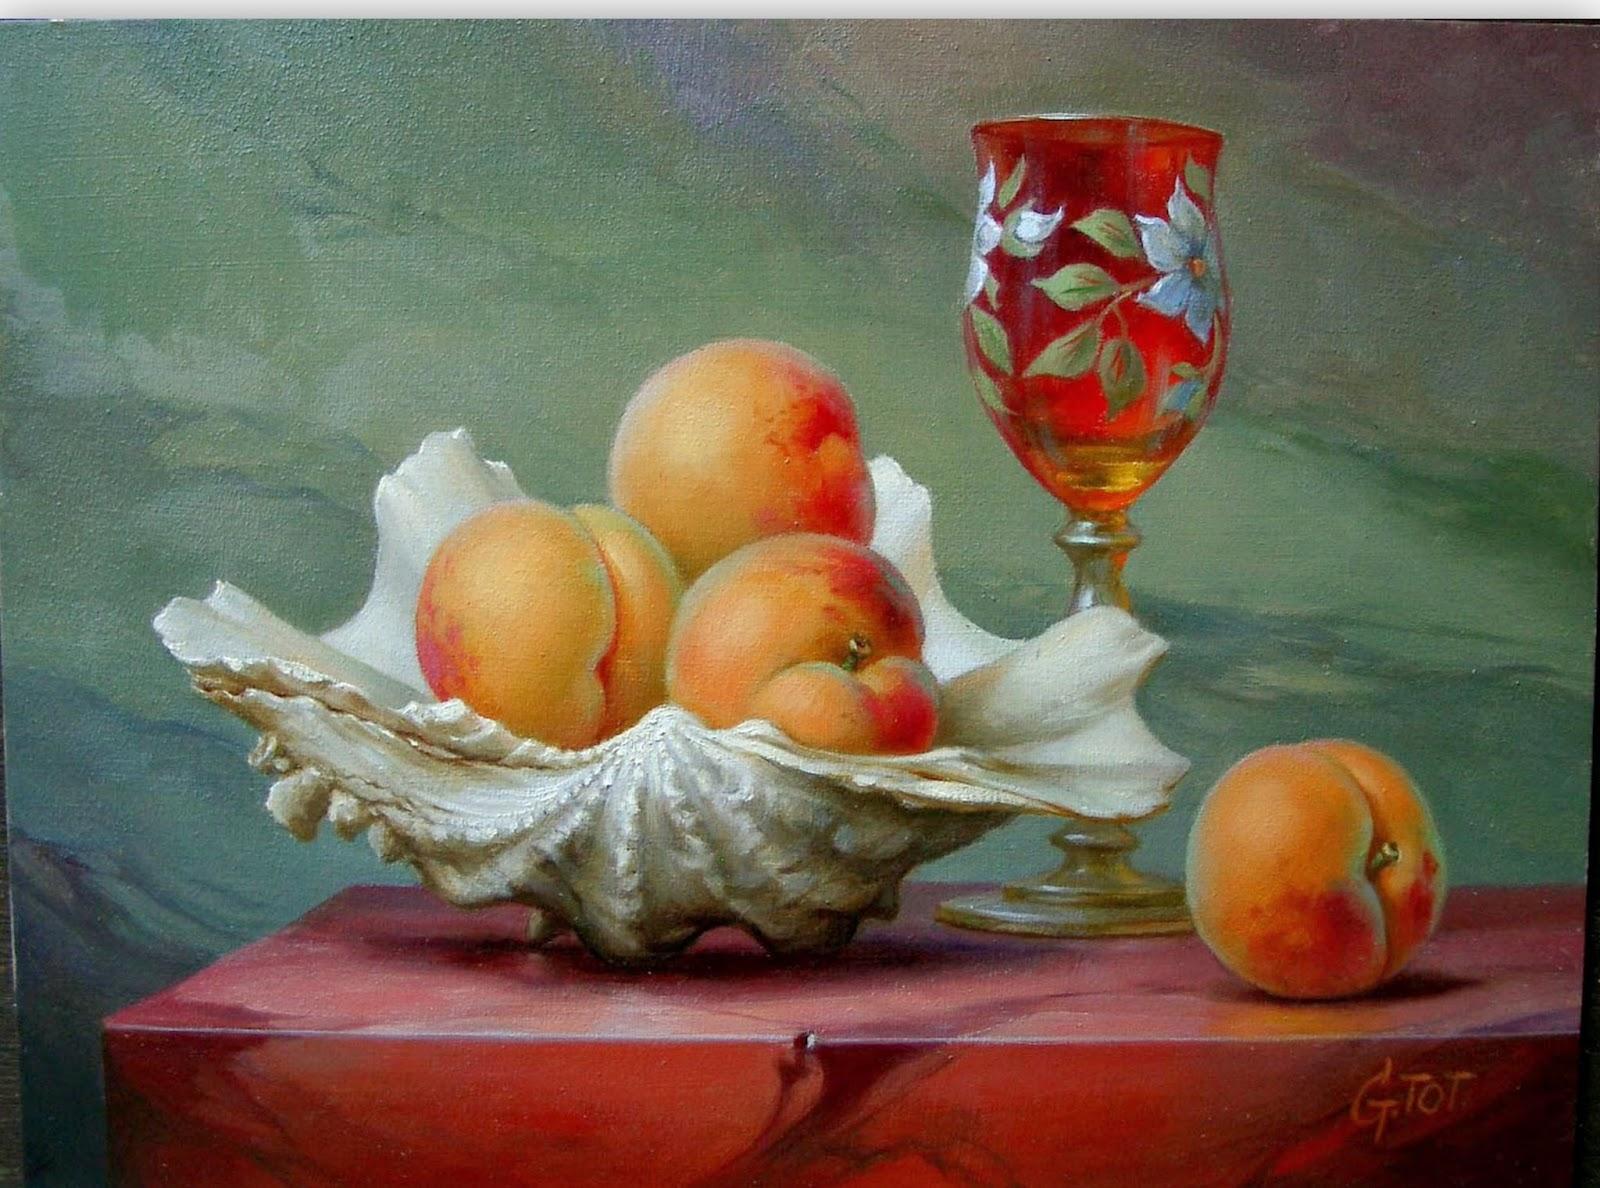 Pintura moderna y fotograf a art stica im genes de - Fotos de bodegones de frutas ...